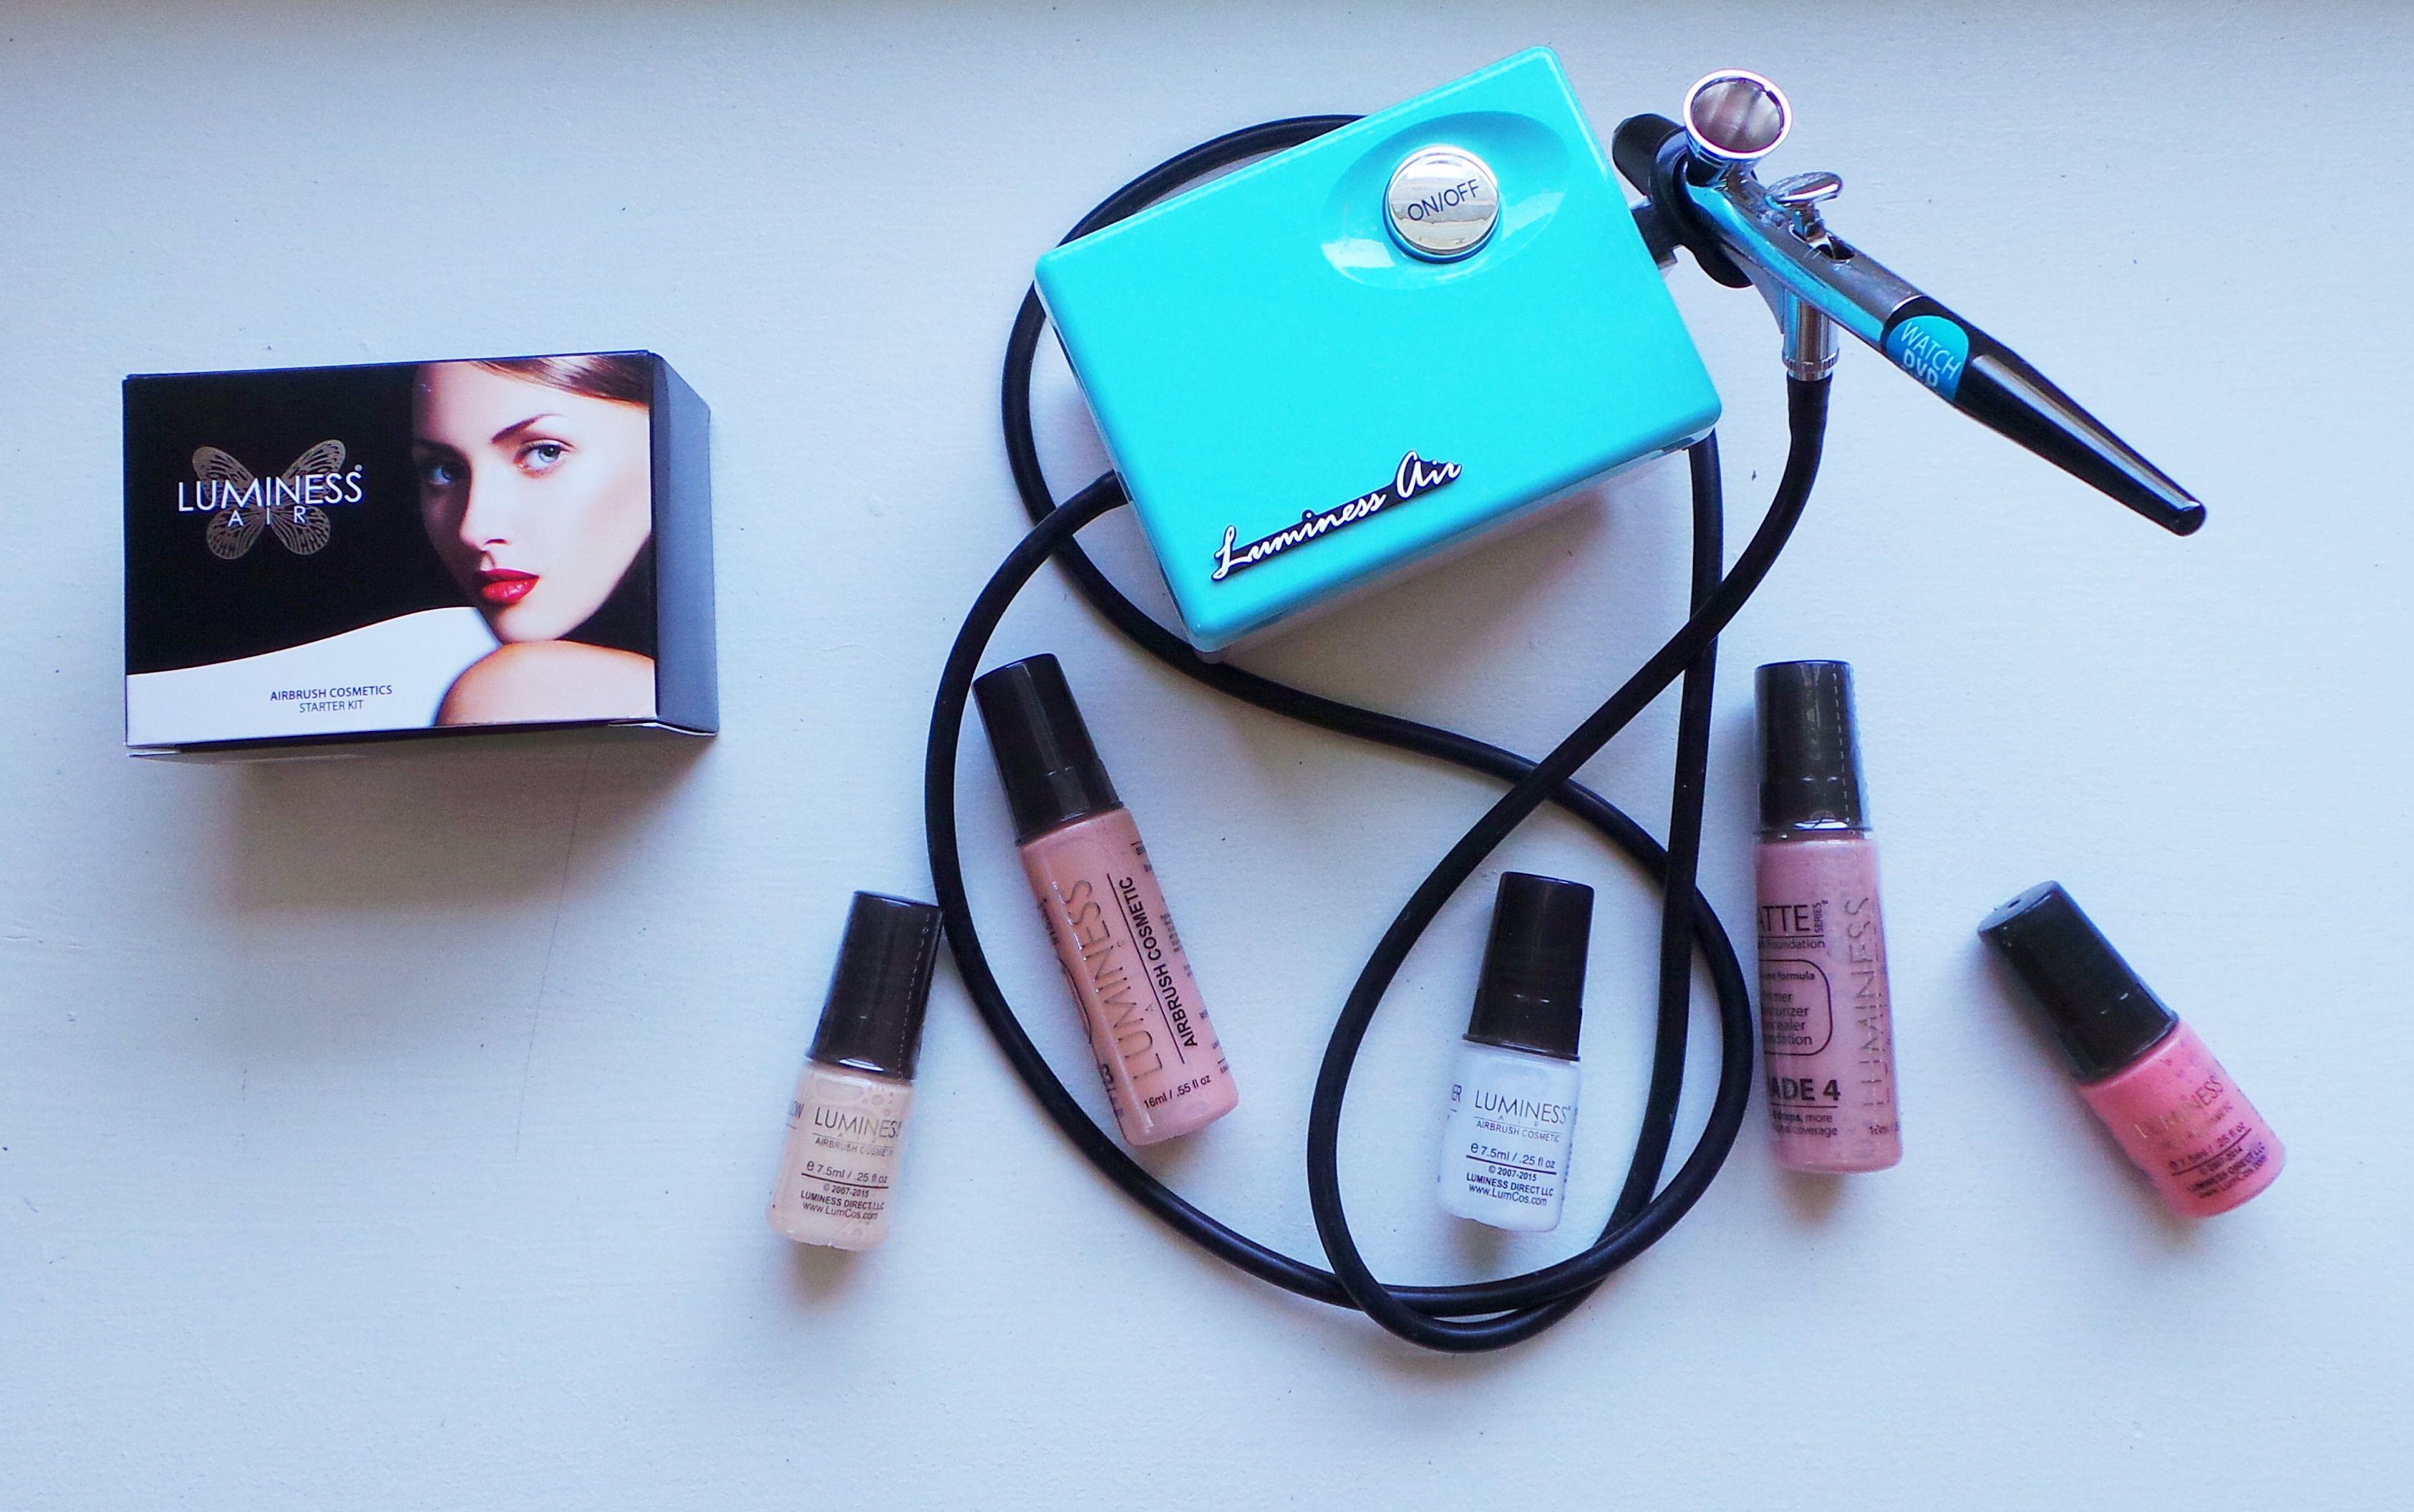 Luminess Air Airbrush Cosmetics Review Airbrush, Beauty